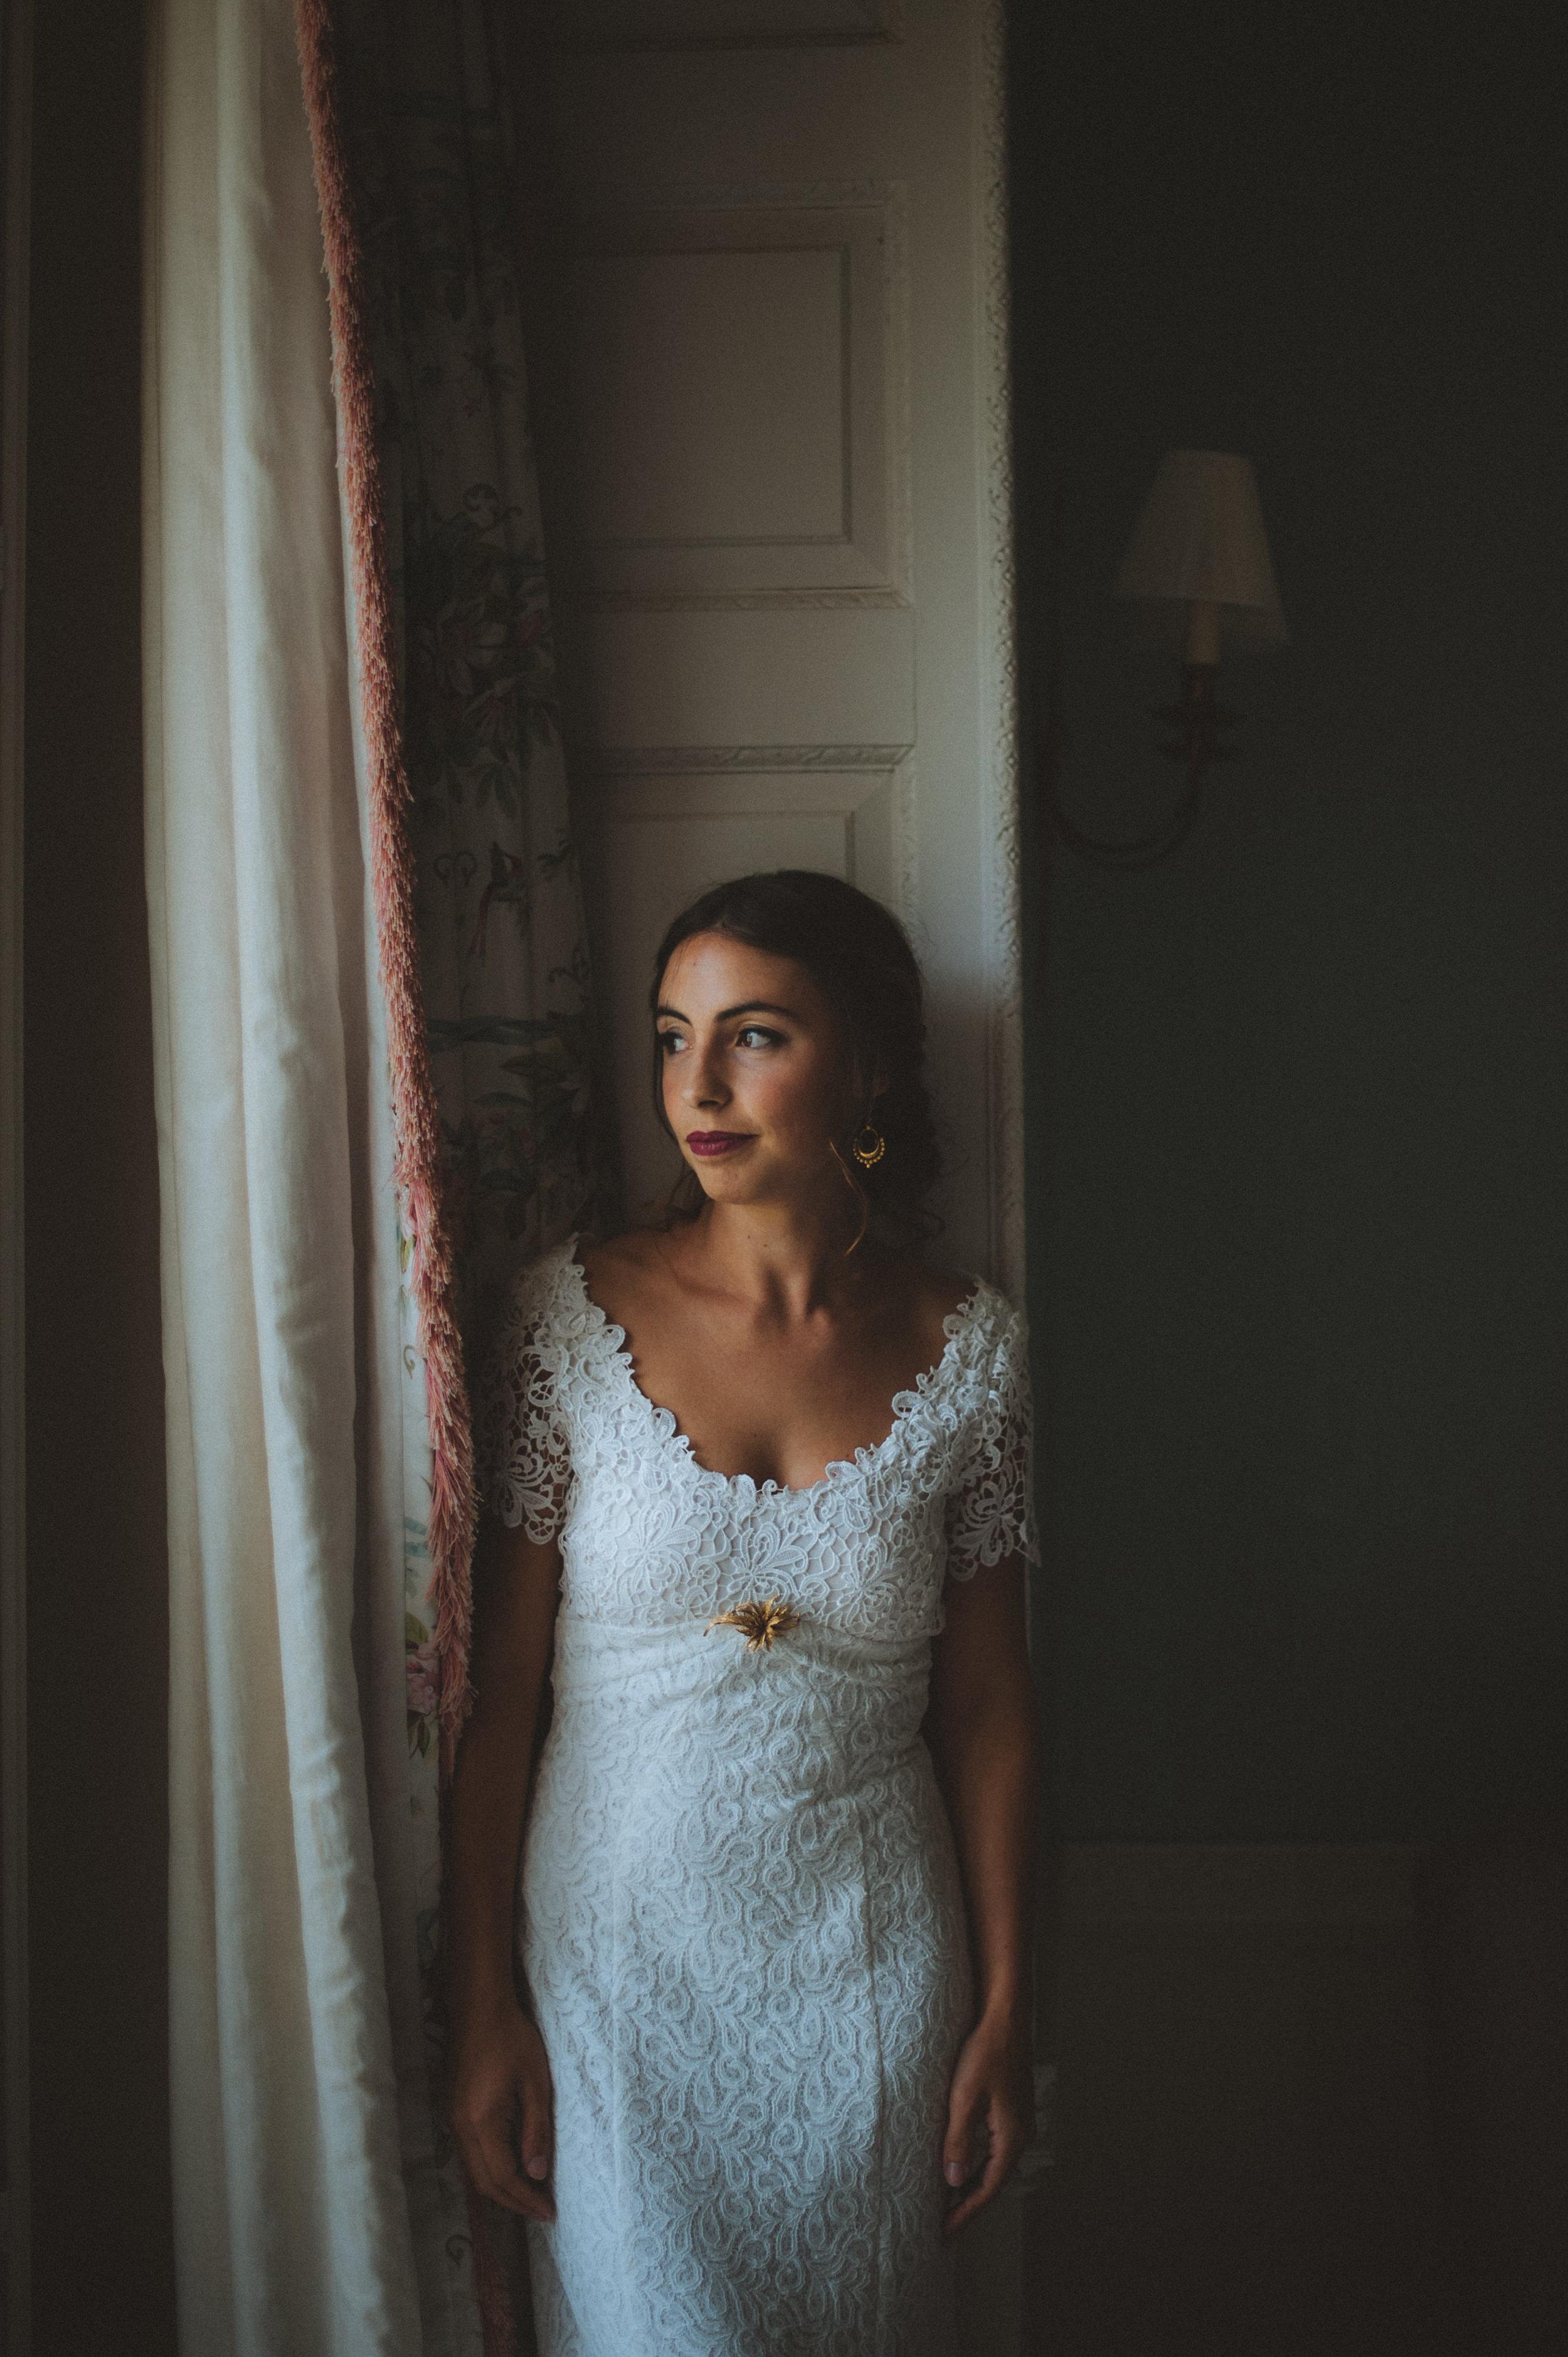 powderham castle wedding 05.jpg